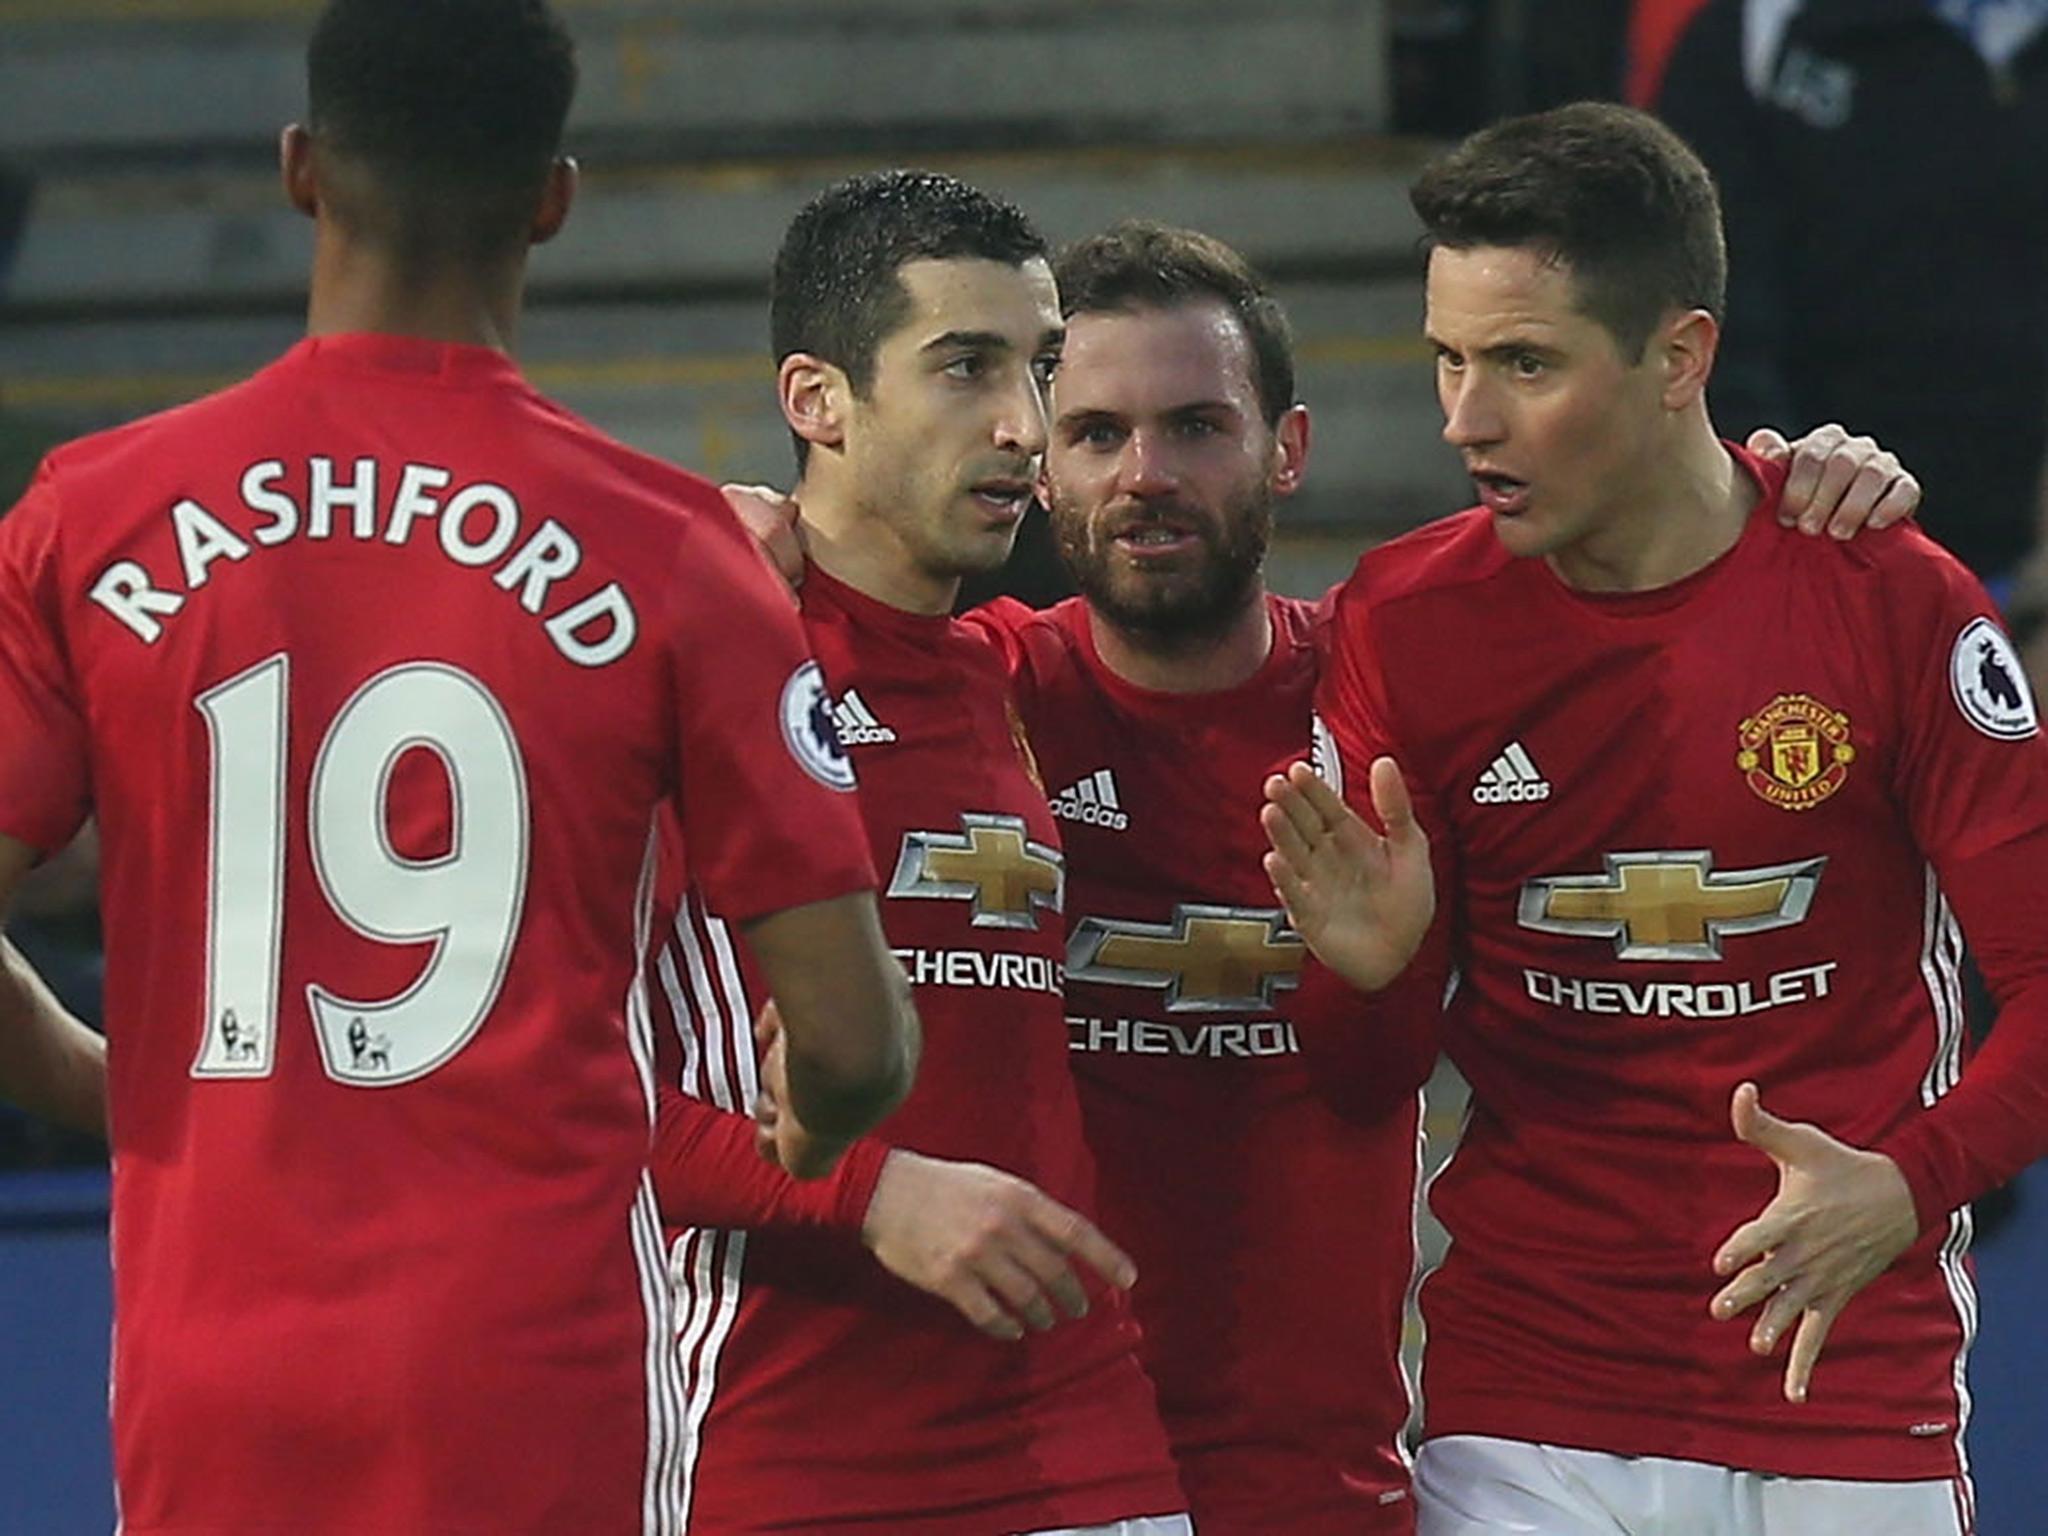 Thi đấu xuất sắc, sao Man Utd được tưởng thưởng huy chương cao quý